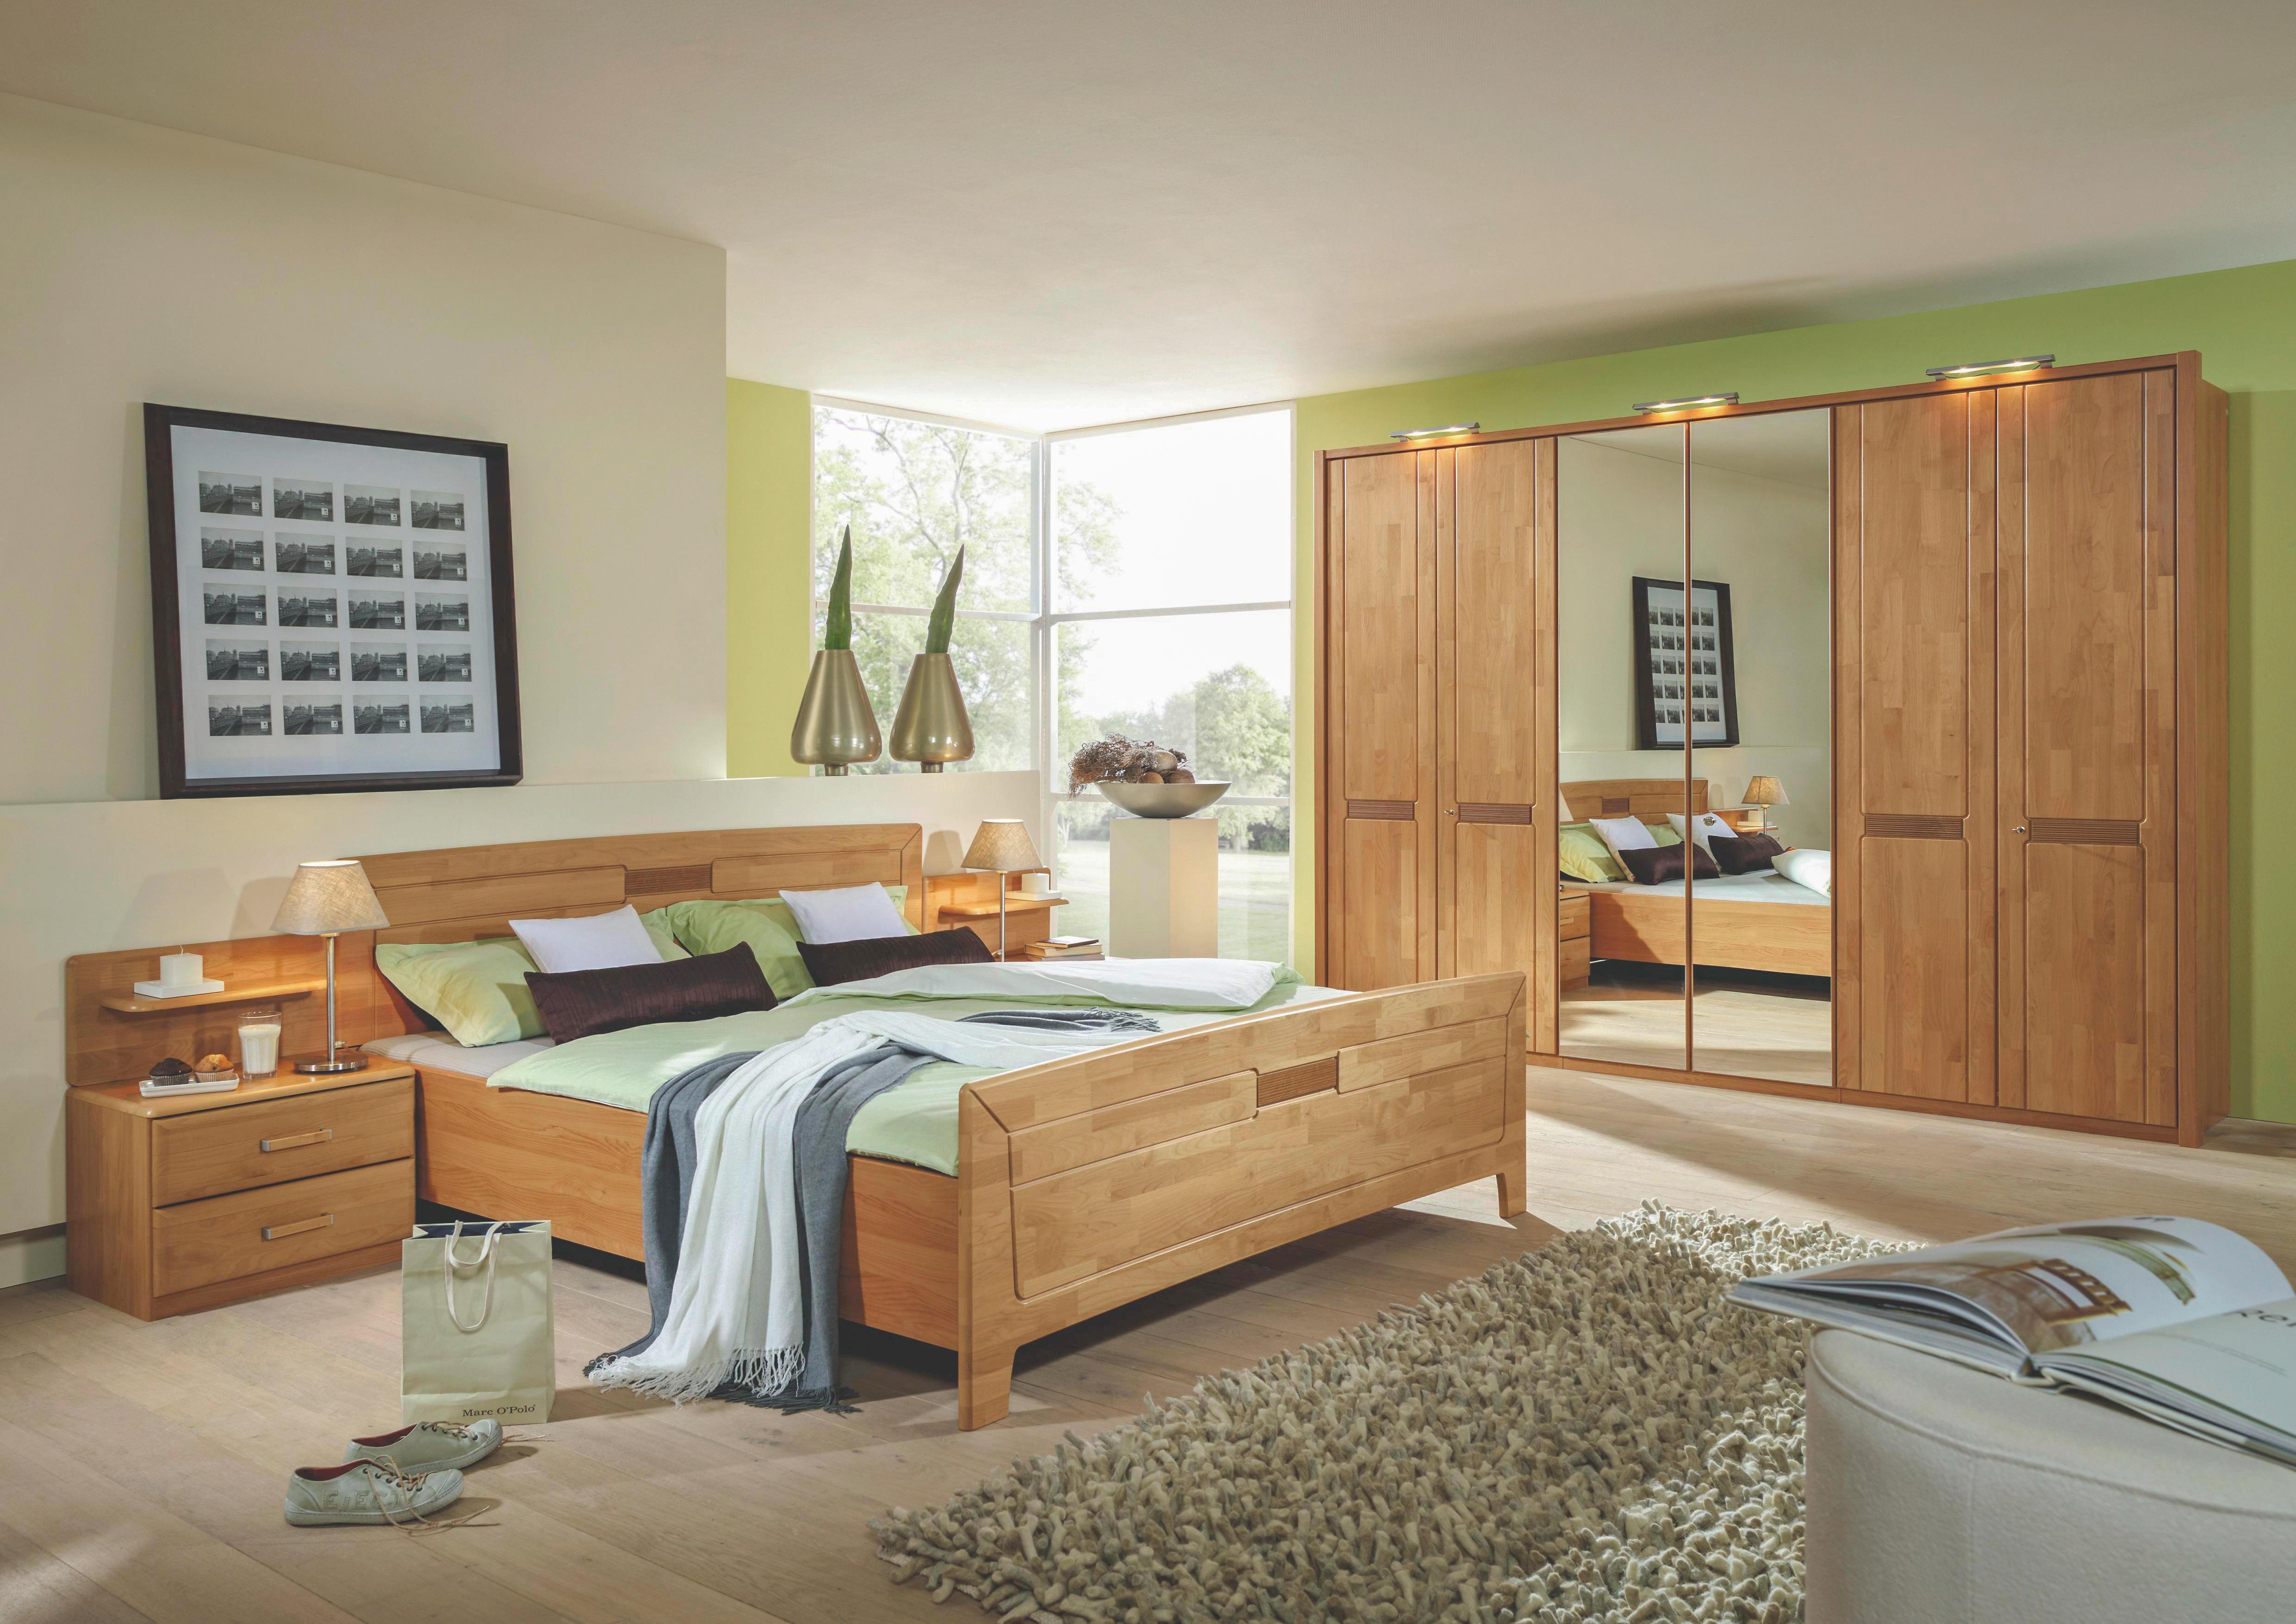 Schlafzimmer In Braun, Erlefarben Online Kaufen ➤ Xxxlutz